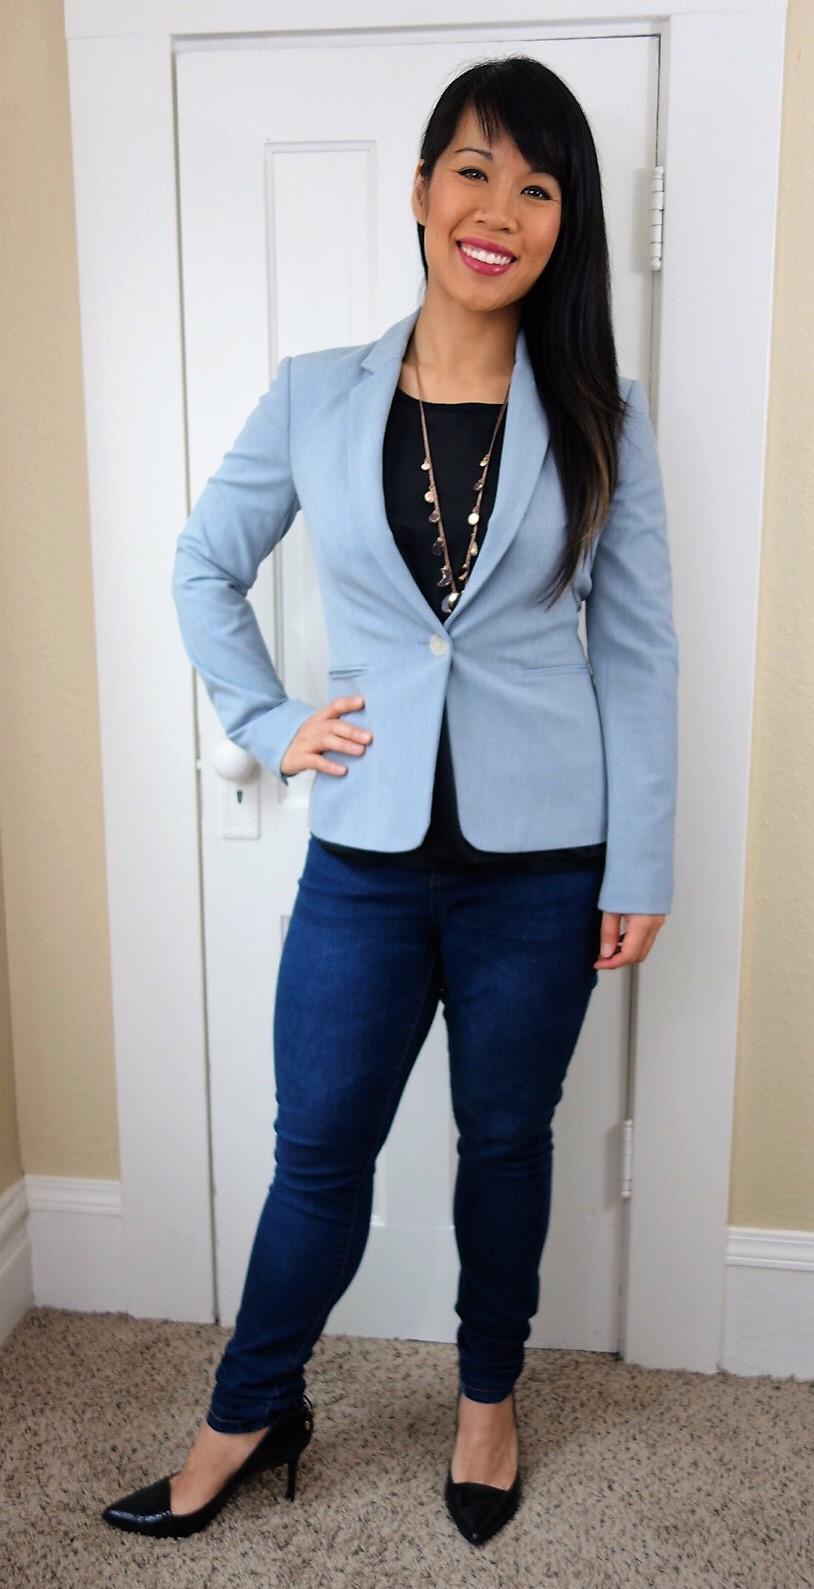 Kat wearing dark blue skinny jeans